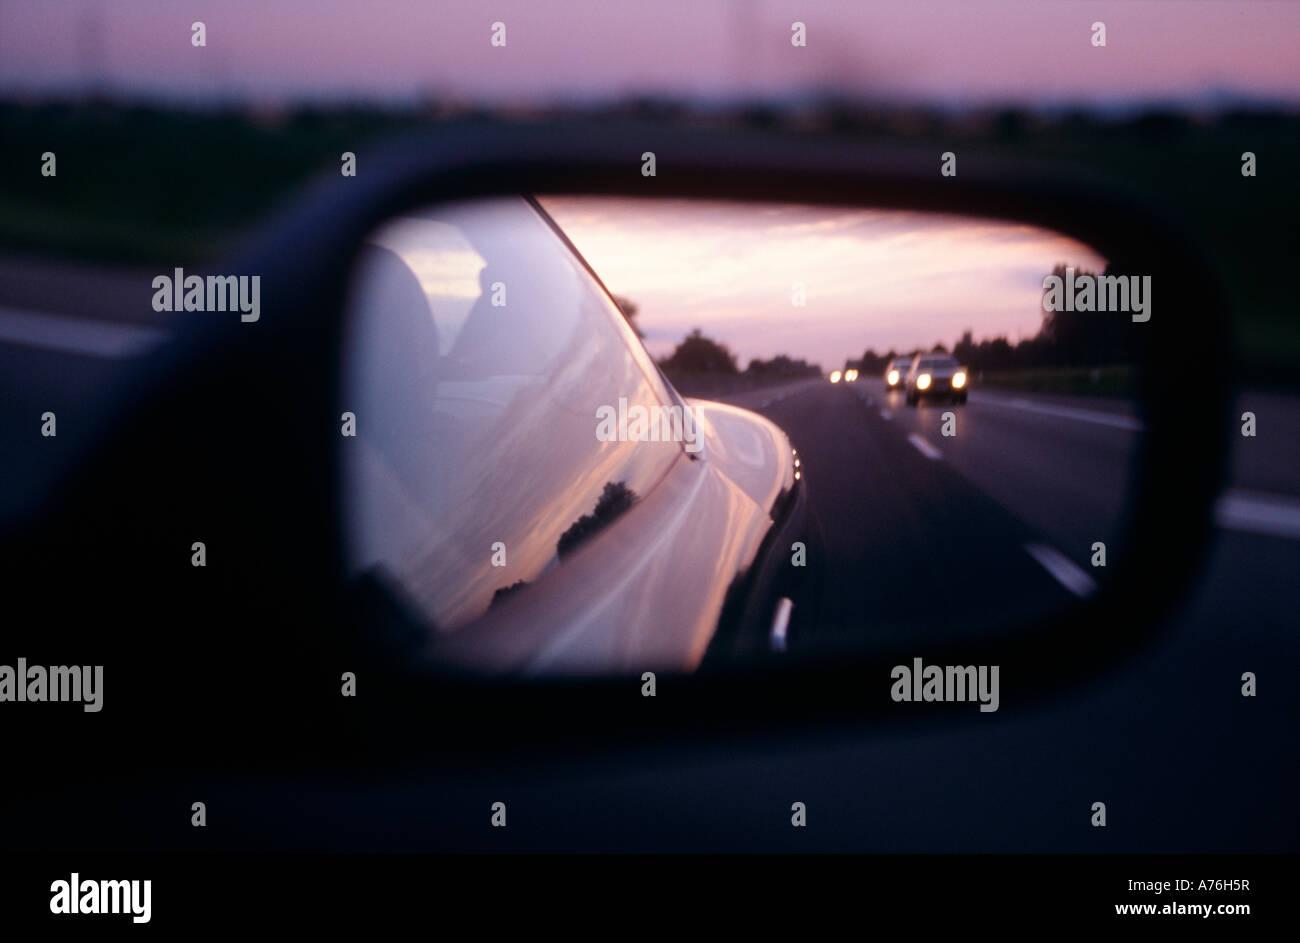 Aston Martin DB7 Vantage über Außenspiegel und getrieben mit Geschwindigkeit entlang einer Autobahn Stockbild